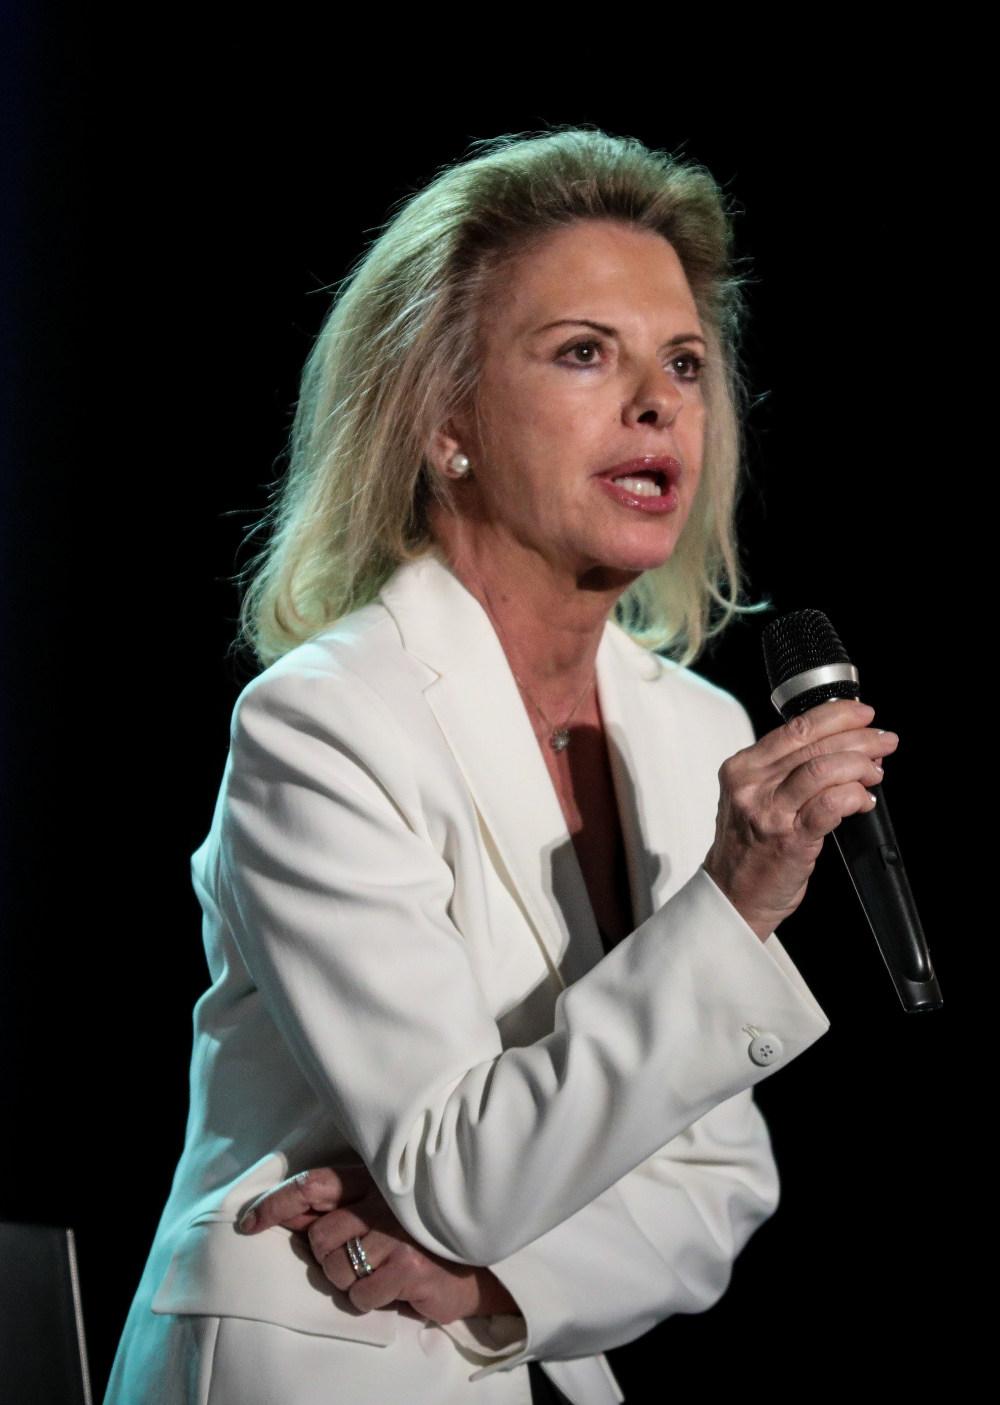 Η Ελίζα Βόζεμπεργκ συγκαταλέγεται μεταξύ των υποψηφίων της ΝΔ που εκλέγονται στις ευρωεκλογές